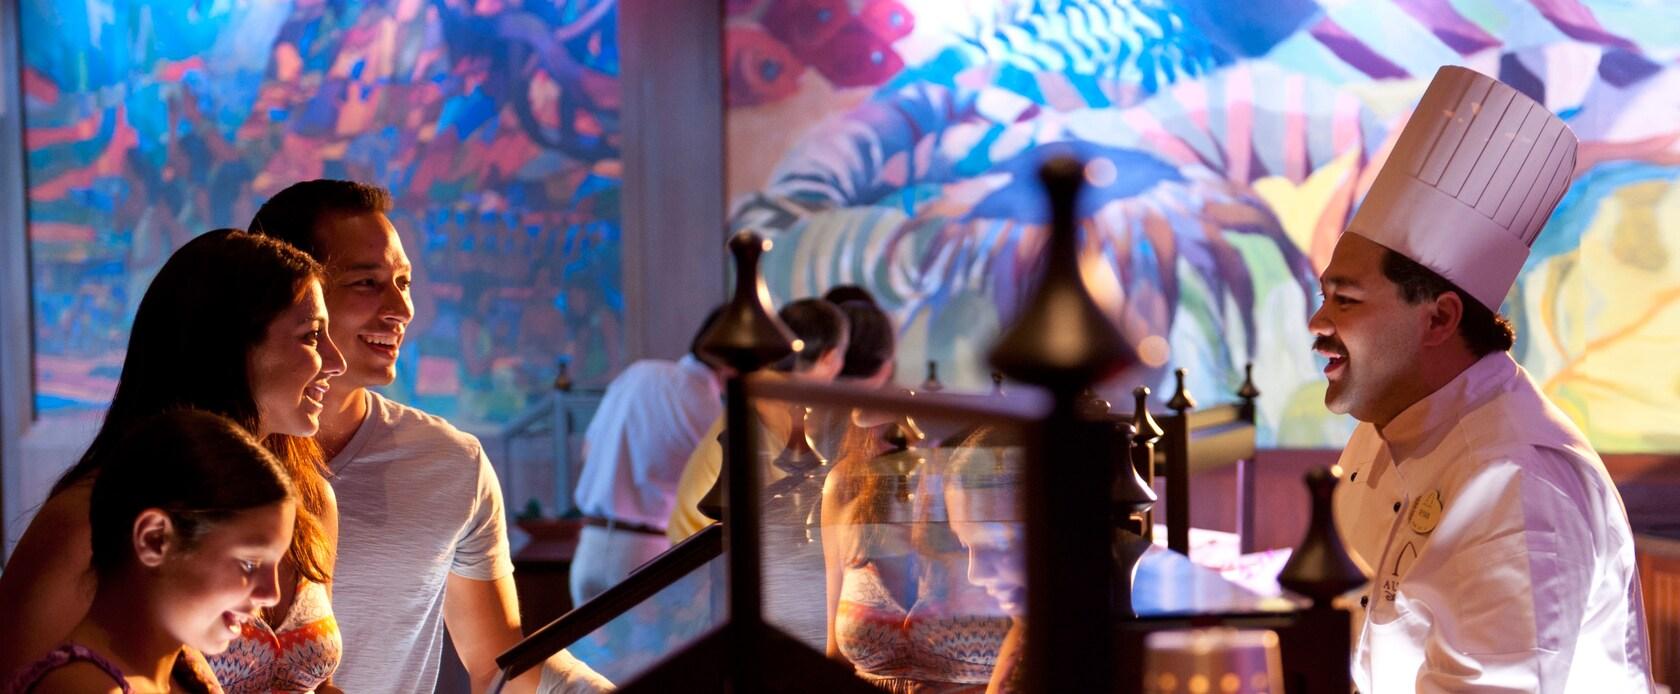 温かい食事とカービング・ステーション、上部にカラフルに描かれた壁画のあるビュッフェ